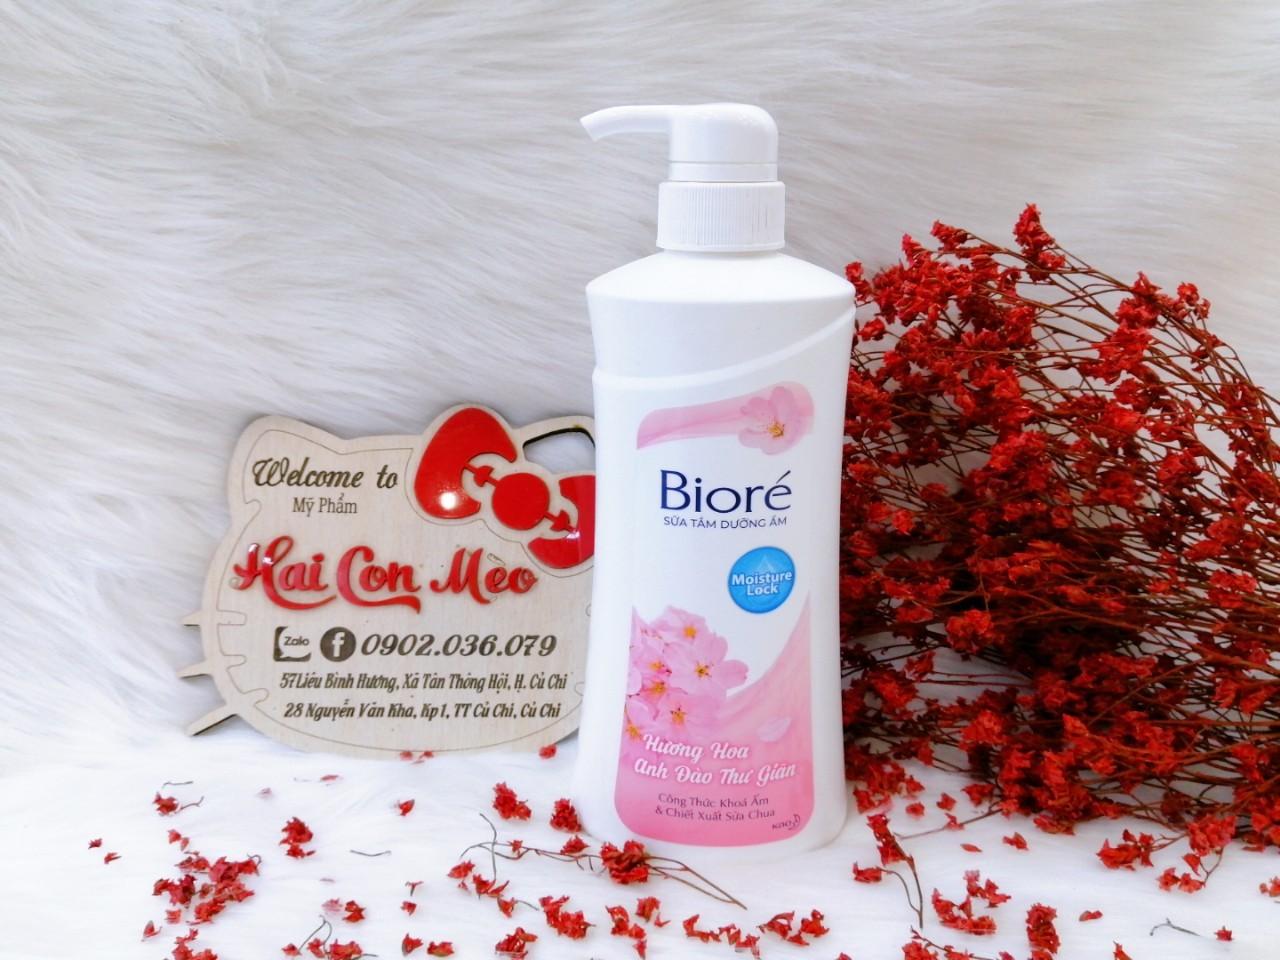 Sữa tắm dưỡng ẩm mịn da Biore hương Hoa anh đào chai 530g - 406